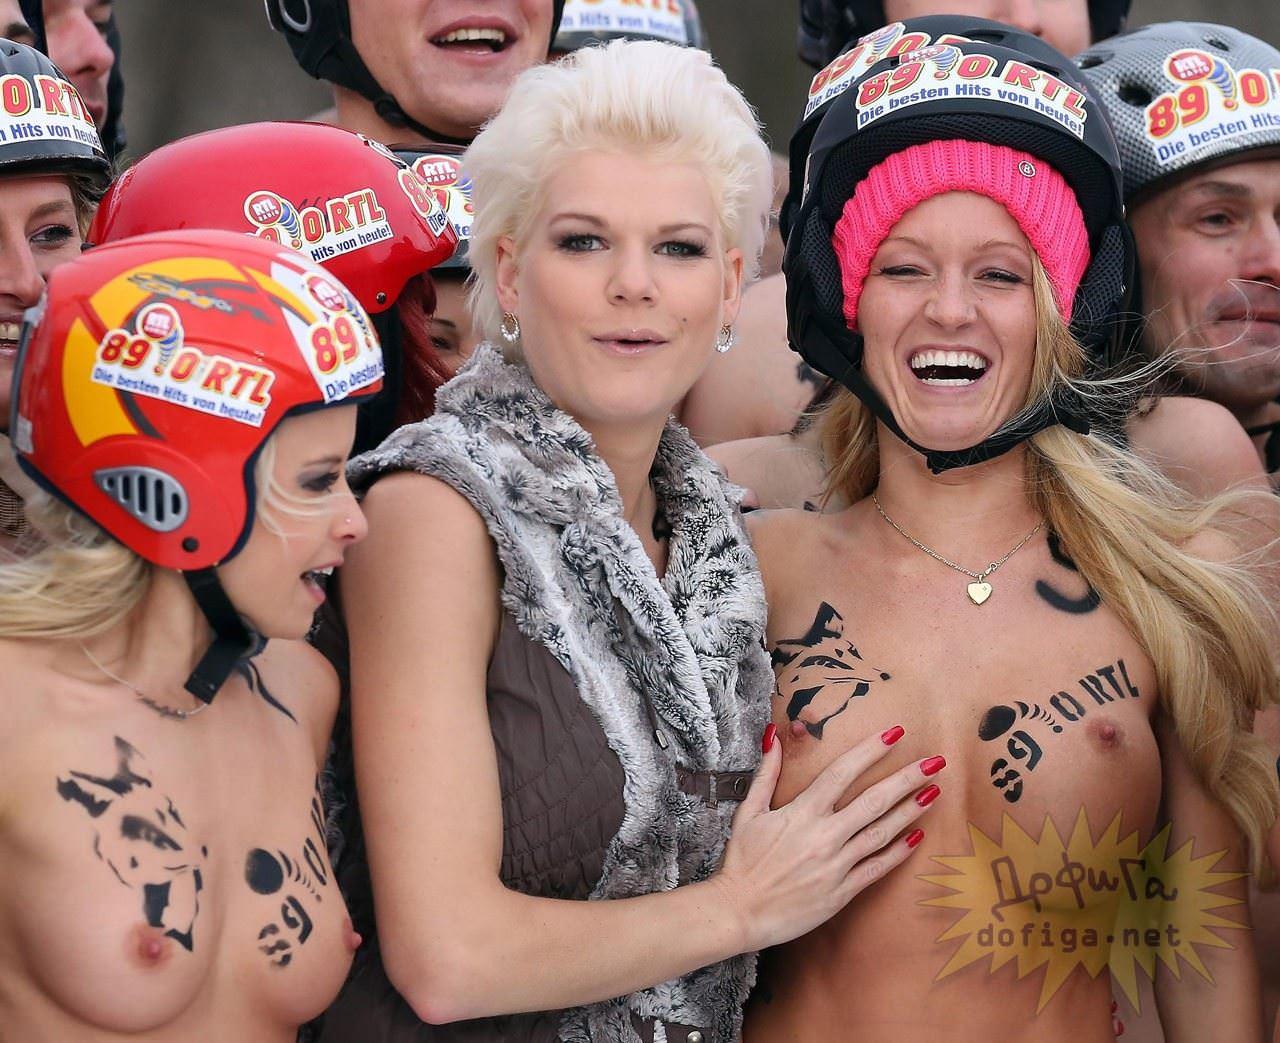 【外人】ドイツのヌードソリ世界選手権2014で金髪美女めっちゃ可愛い露出ポルノ画像 16100